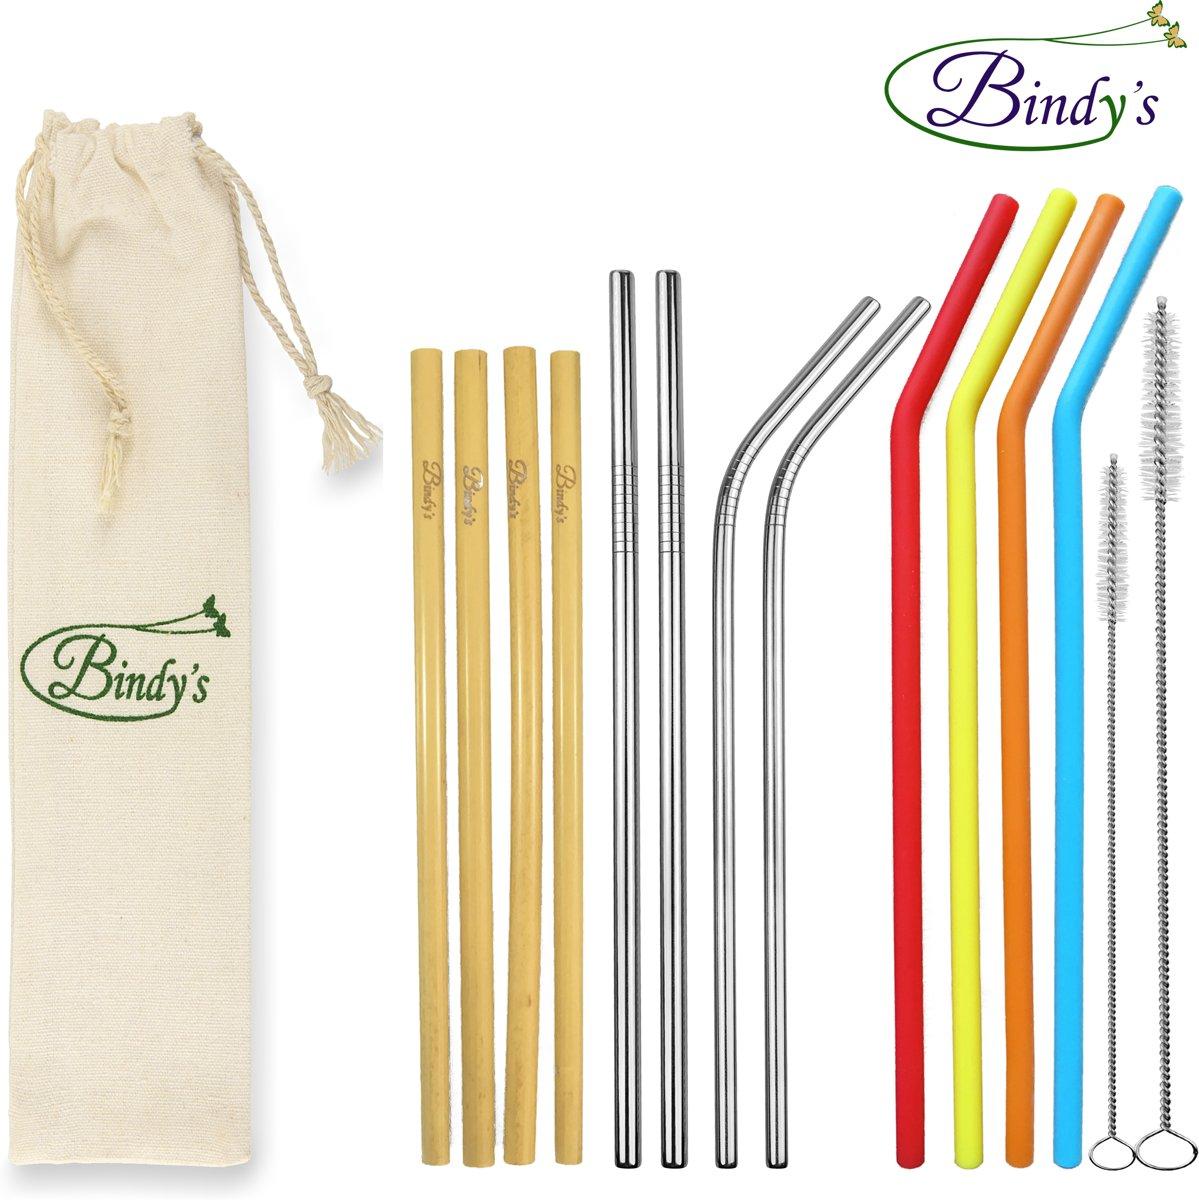 Bindy's - 15-Delige Set Herbruikbare Rietjes Mix – Familie Verpakking - 4 RVS Rietjes - 4 Bamboe Rietjes – 4 Siliconen Rietjes - incl. 2 Schoonmaakborsteltjes En Linnen Bewaarzakje